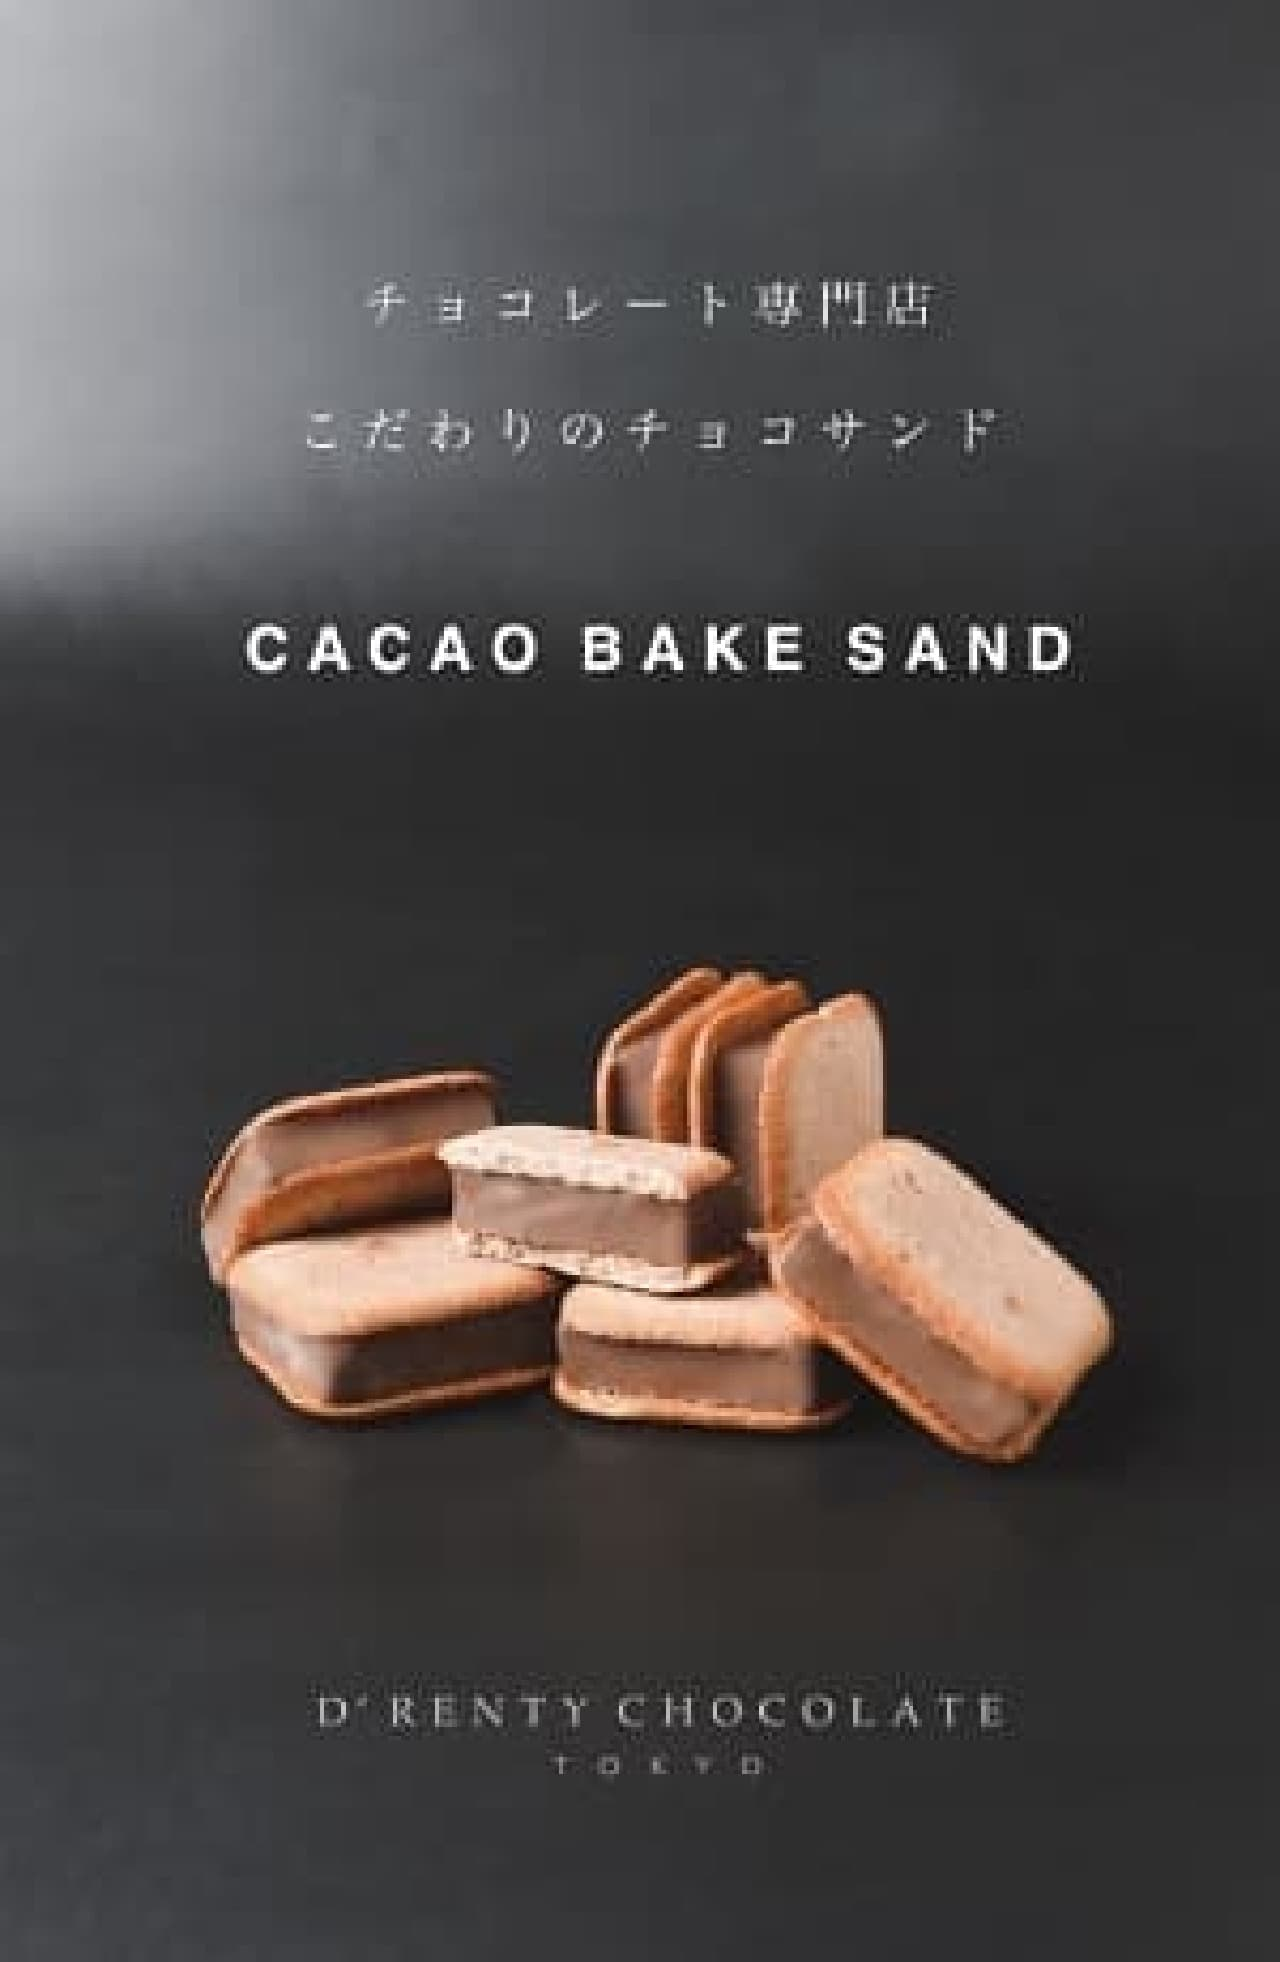 ドレンティチョコレート「カカオベイクサンド」